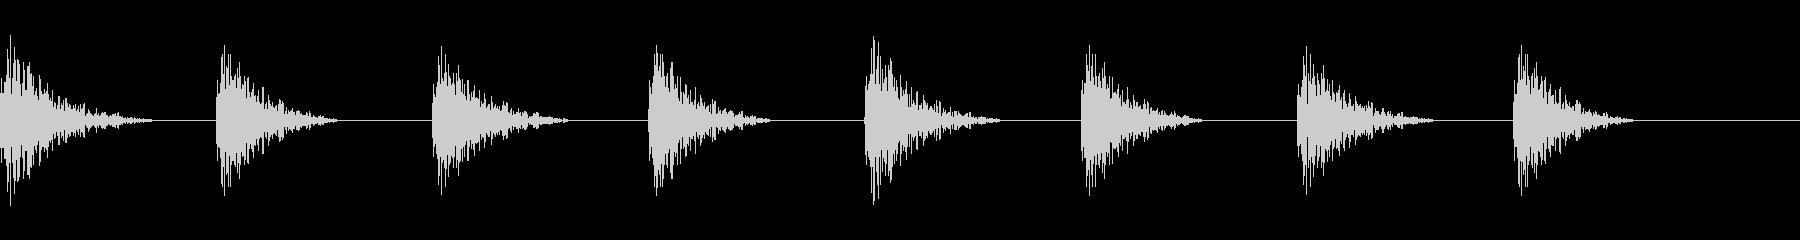 どすん(巨人、歩く、足音)A13の未再生の波形